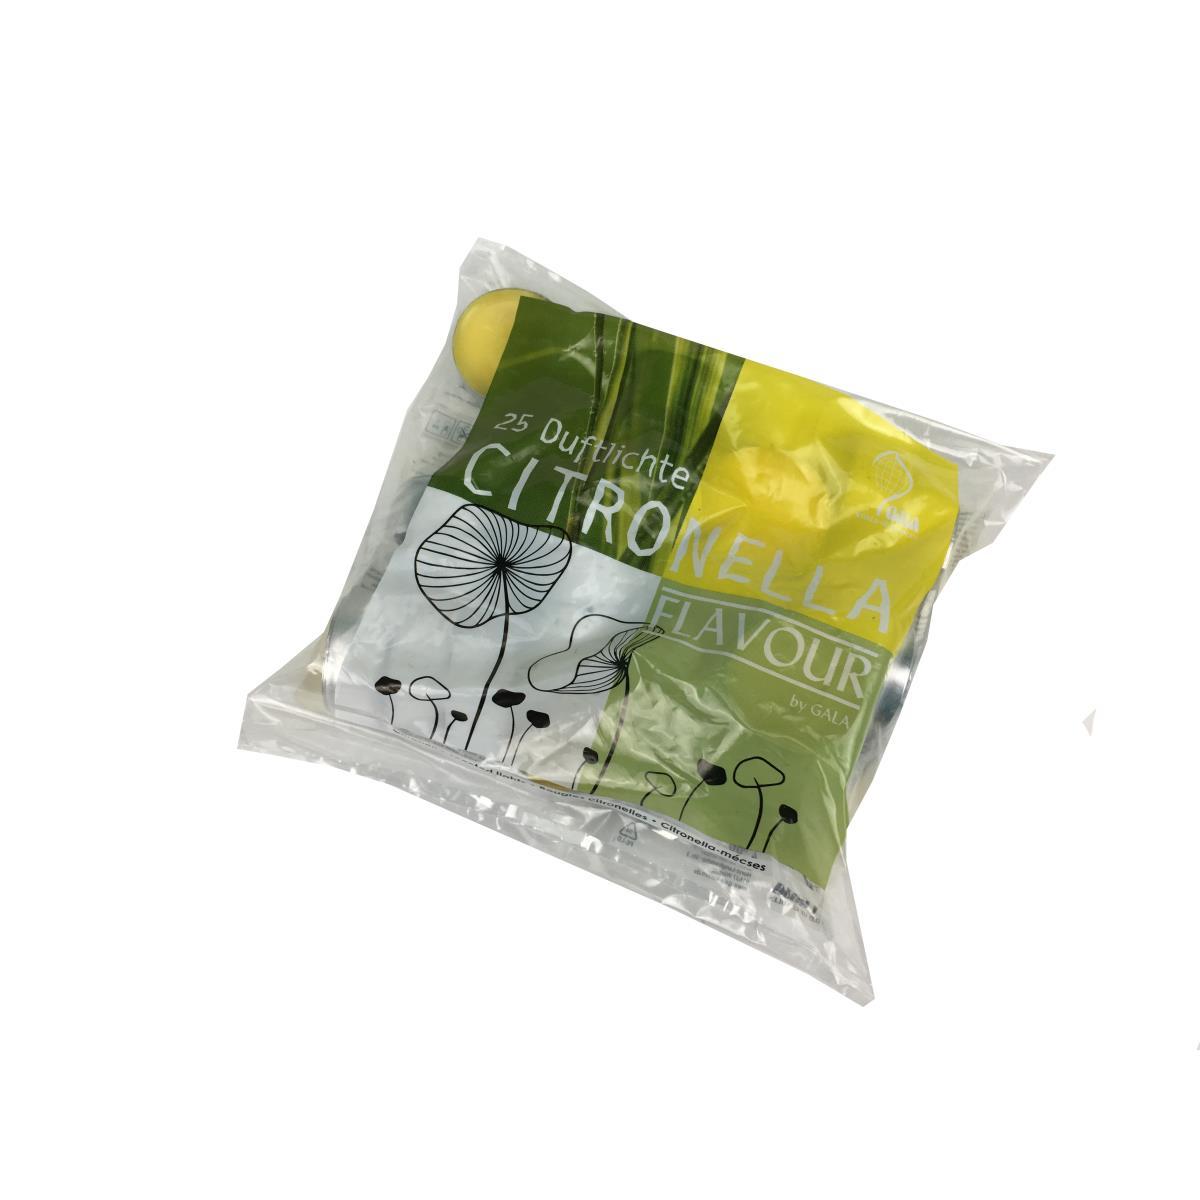 Citronella Duftlichter Outdoor Mückenabwehr Anti Mücken Kerzen Zitronen Duft,Gala,4008495306252, 4008495306252